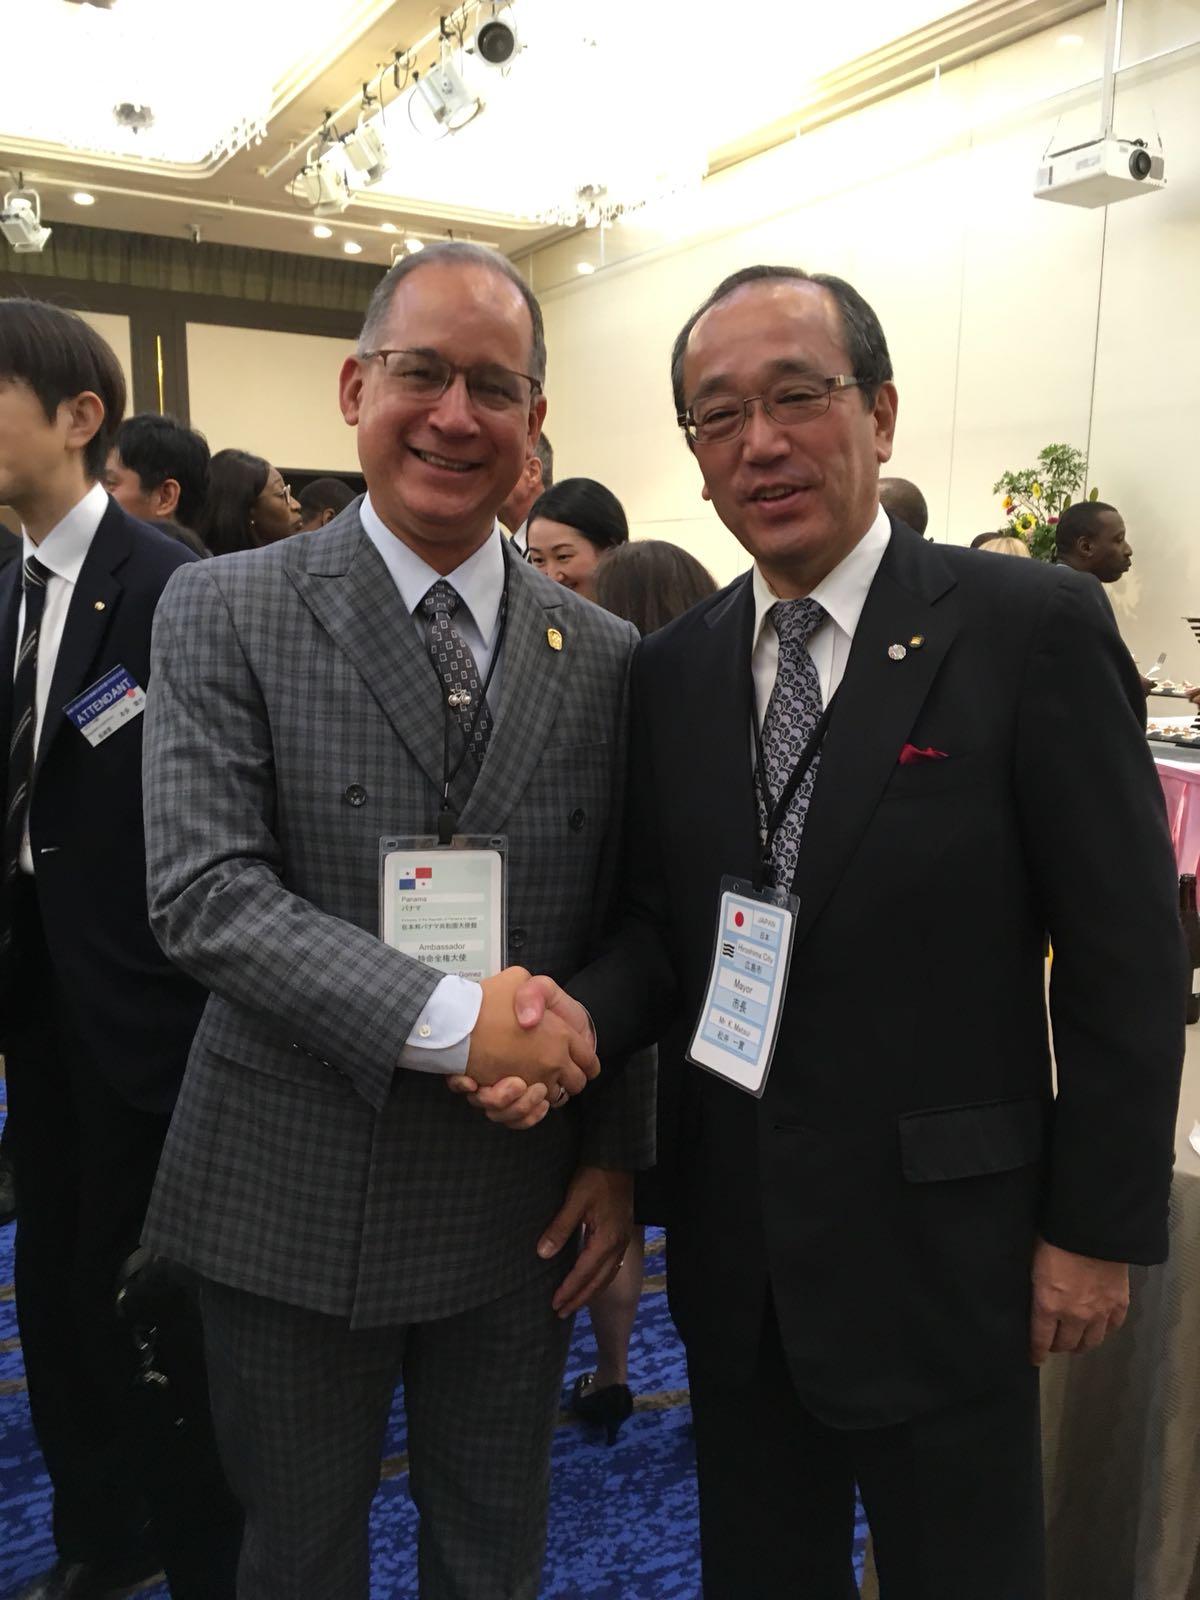 ディアス大使、松井一實広島市長と共に、広島市主催歓迎レセプションにて